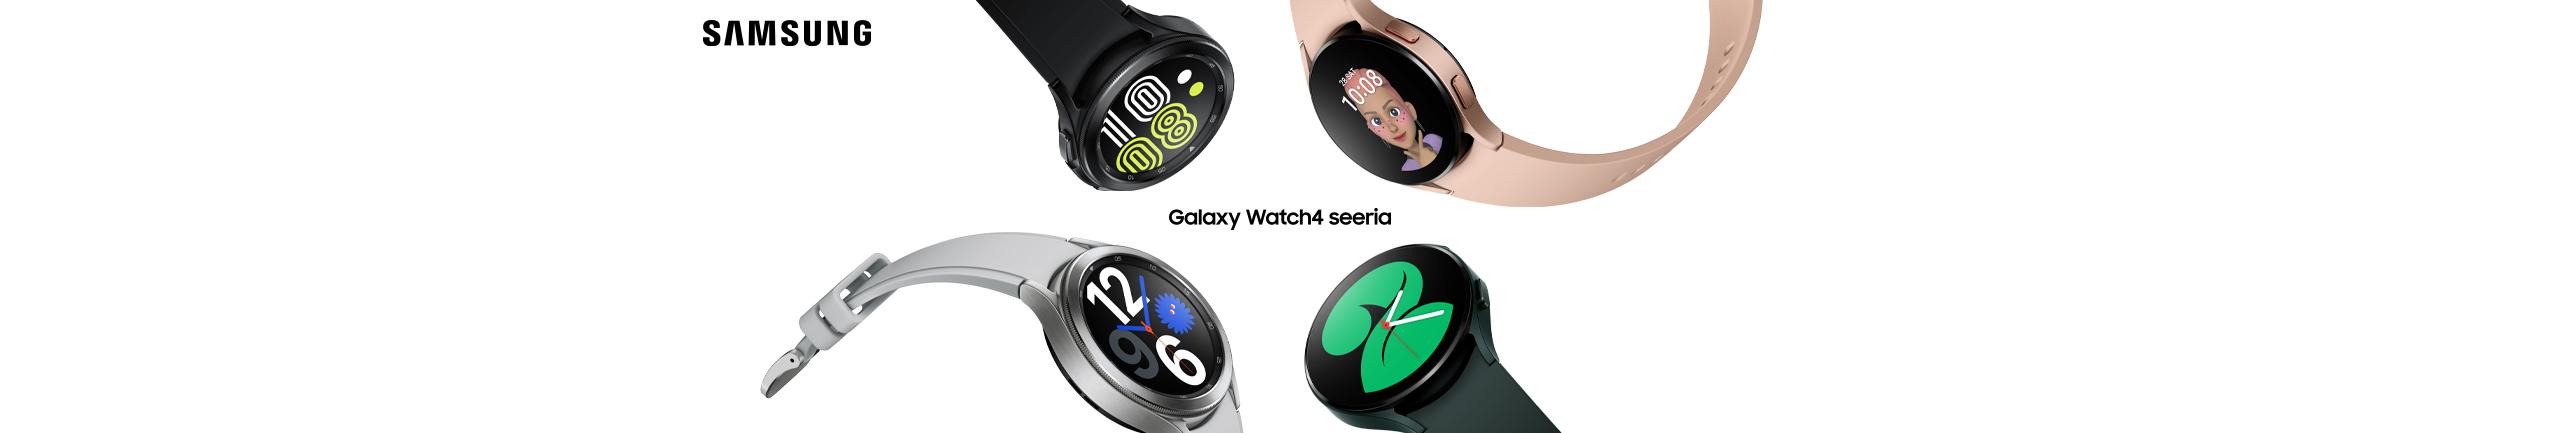 Osta Samsung Galaxy Watch 4 ja saa kingituseks juhtmevaba laadimisega akupank!